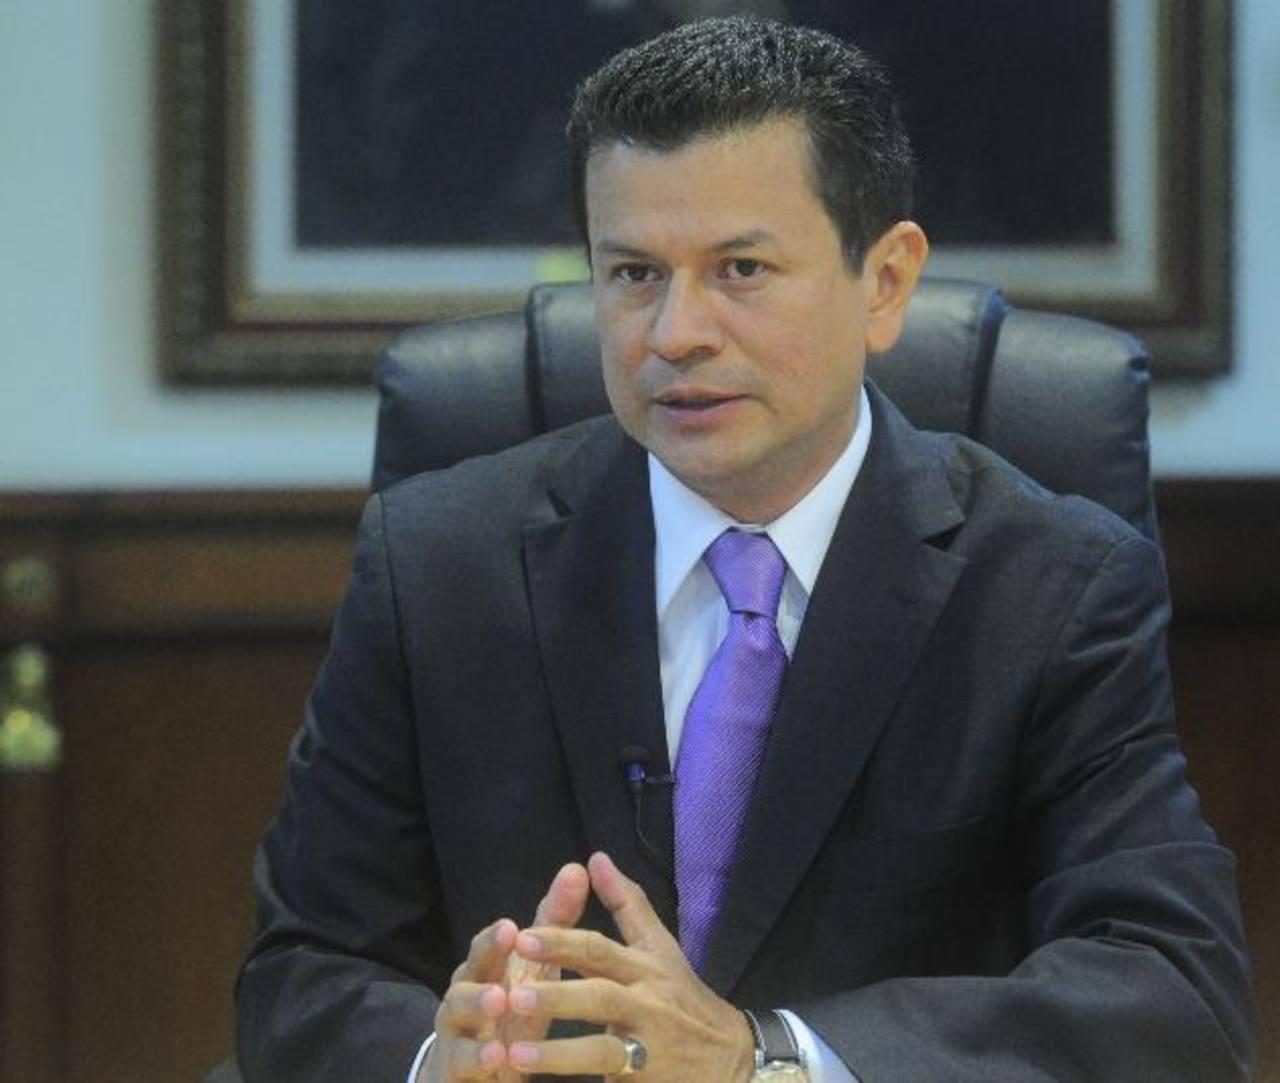 El ministro Martínez dijo que en comunicaciones con el gobierno de Nicaragua, ellos han recomendado cautela en el caso. foto edh / omar carbonero